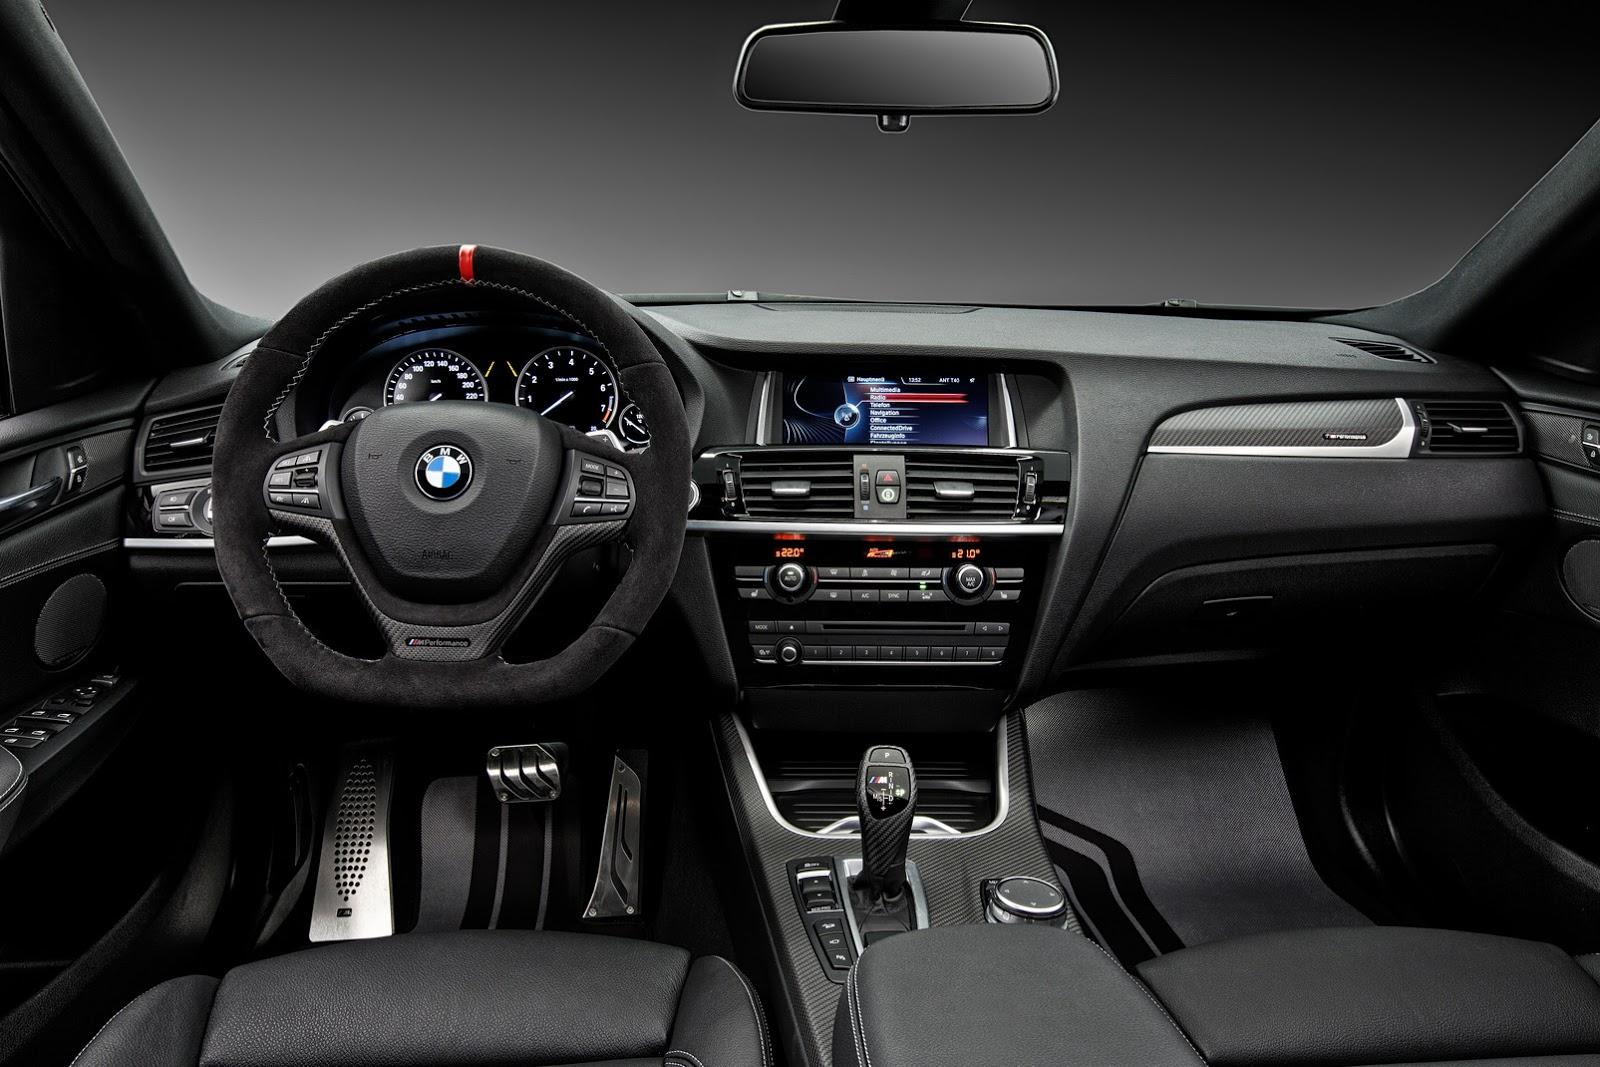 Nội thất của X3 và X4 M Facelift được trang trí bằng Carbon và Alcantara